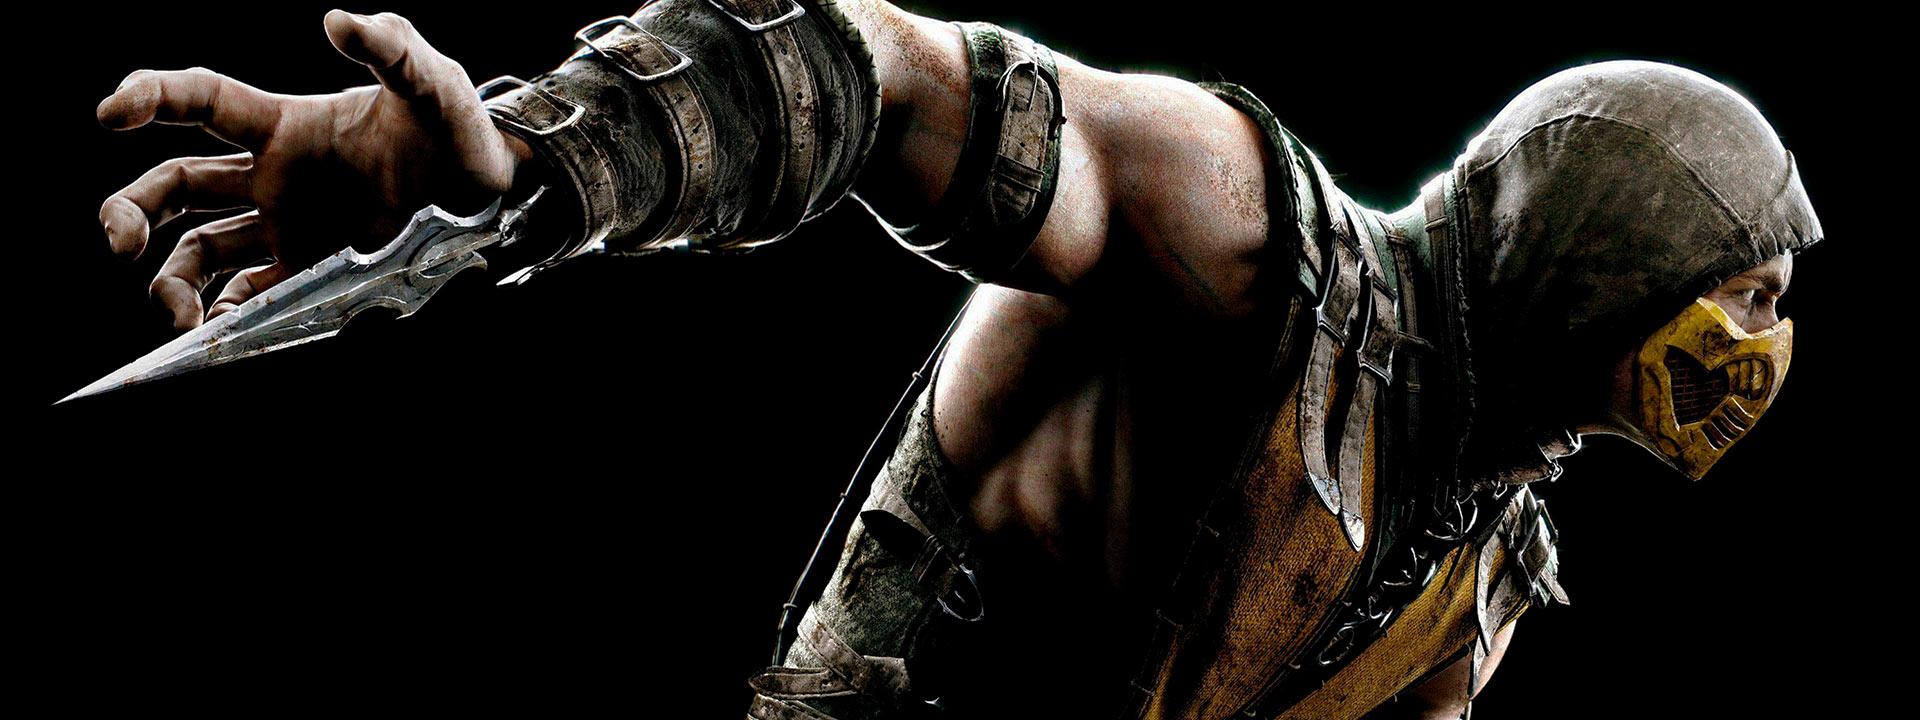 Mortal Kombat X - Ui concepts